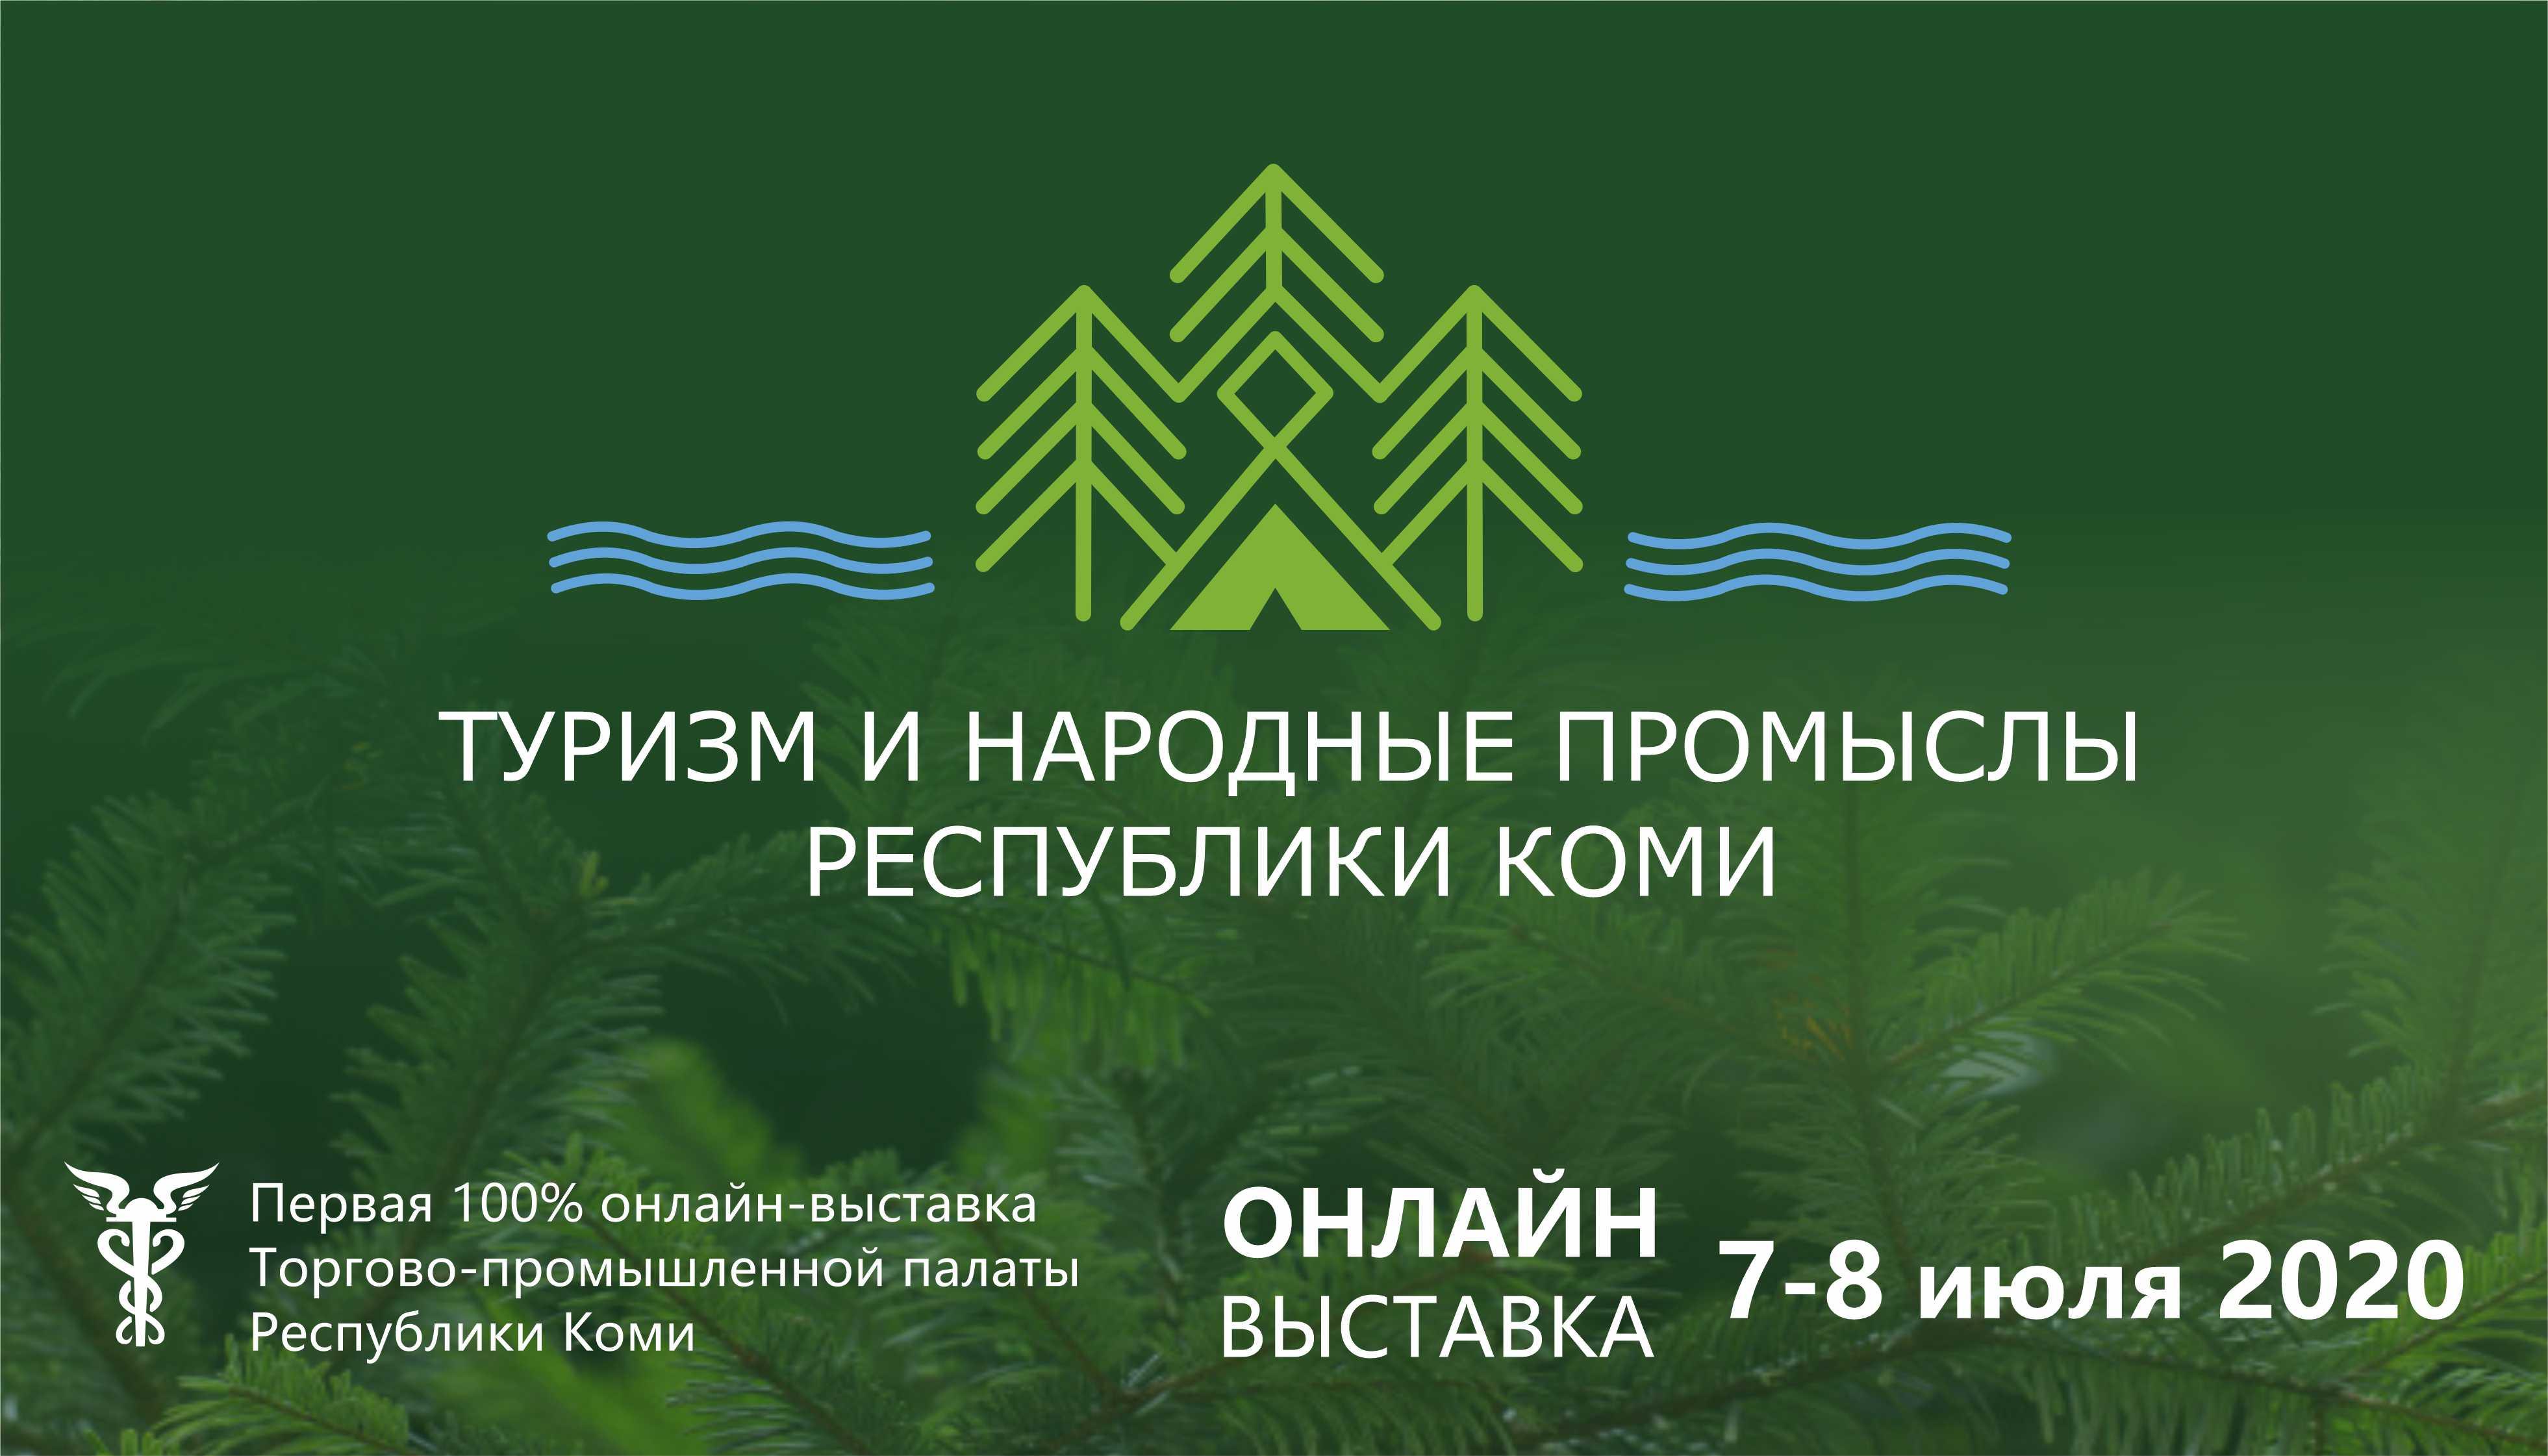 Он-лайн выставка Туризм и народные промыслы Республики Коми